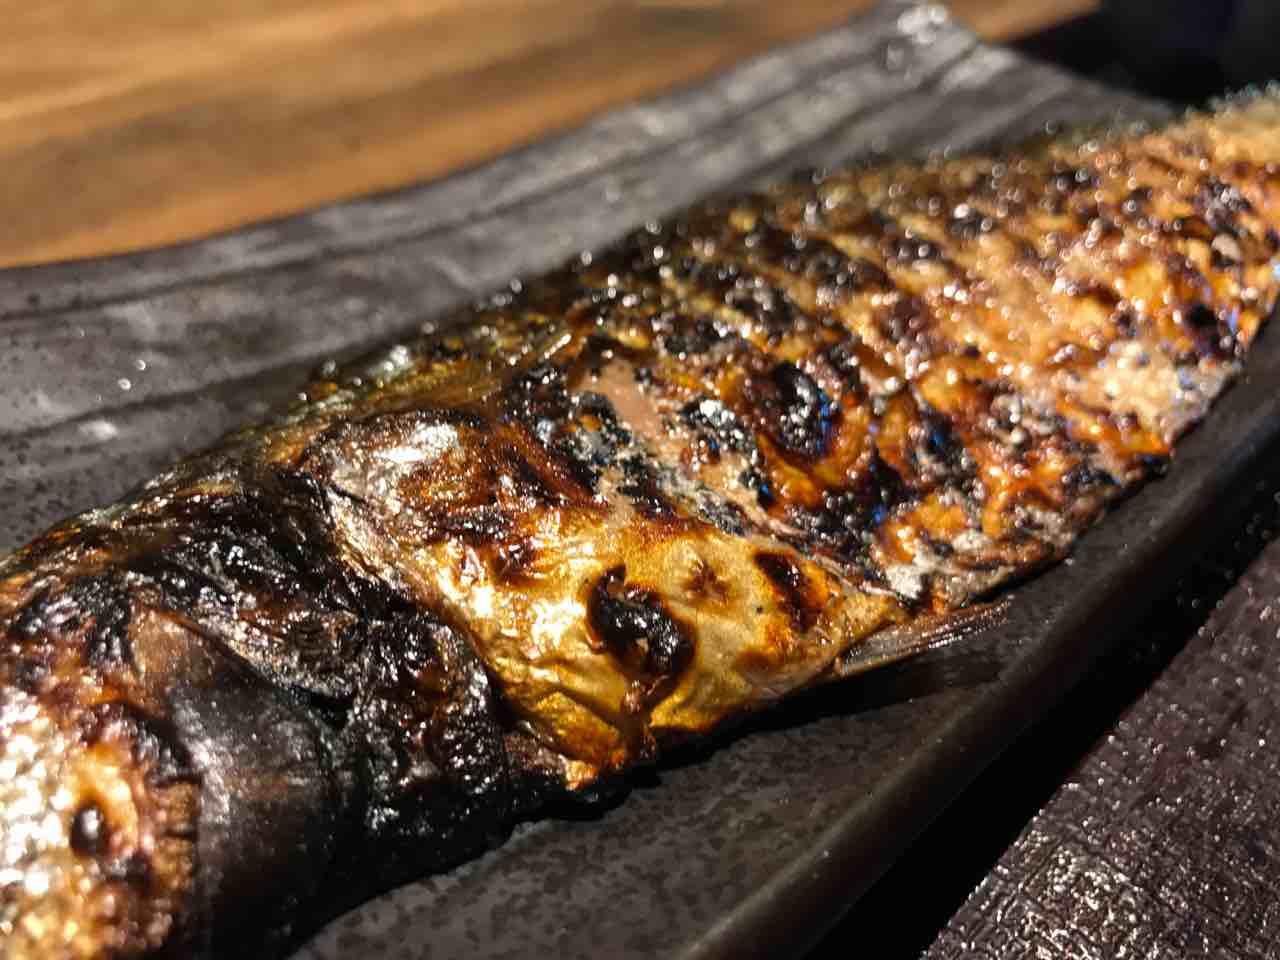 炭火焼干物食堂・越後屋亀丸(飯田橋)でさばの文化干し定食をいただく。安定した干物とご飯の美味しさにホッとする